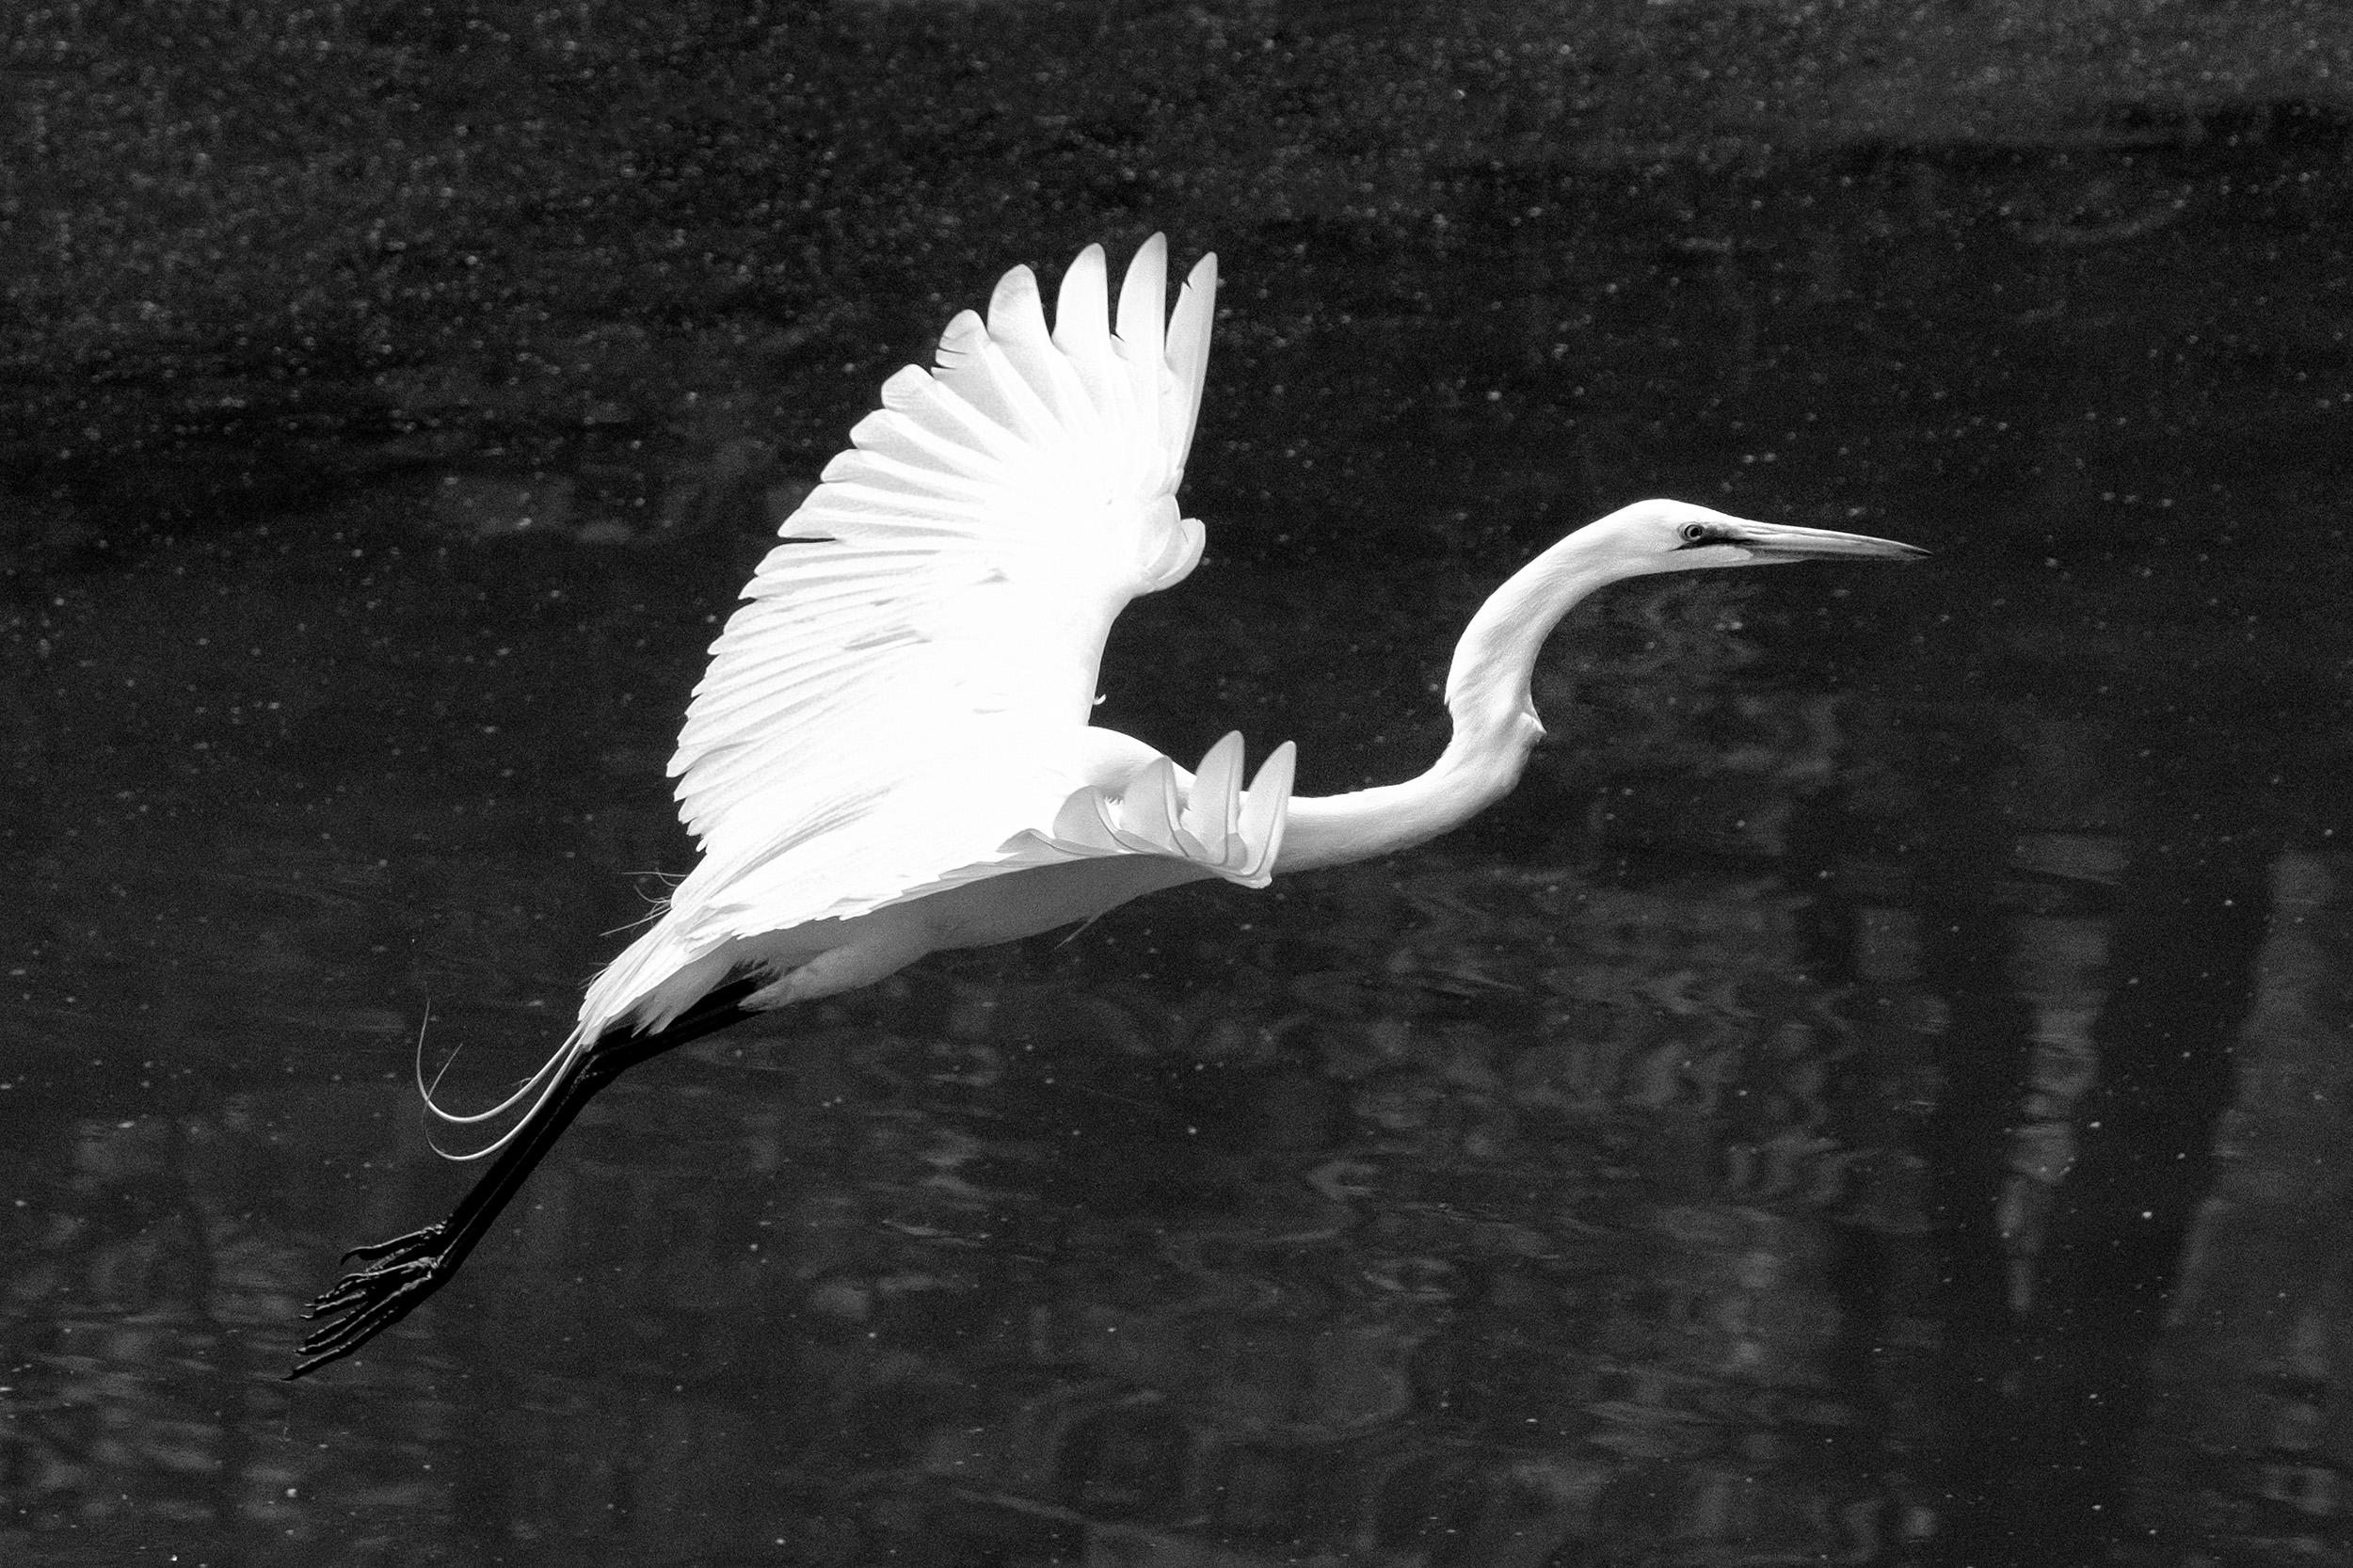 190518 Canal Birds XT2 180-1 cr cln bw.jpg